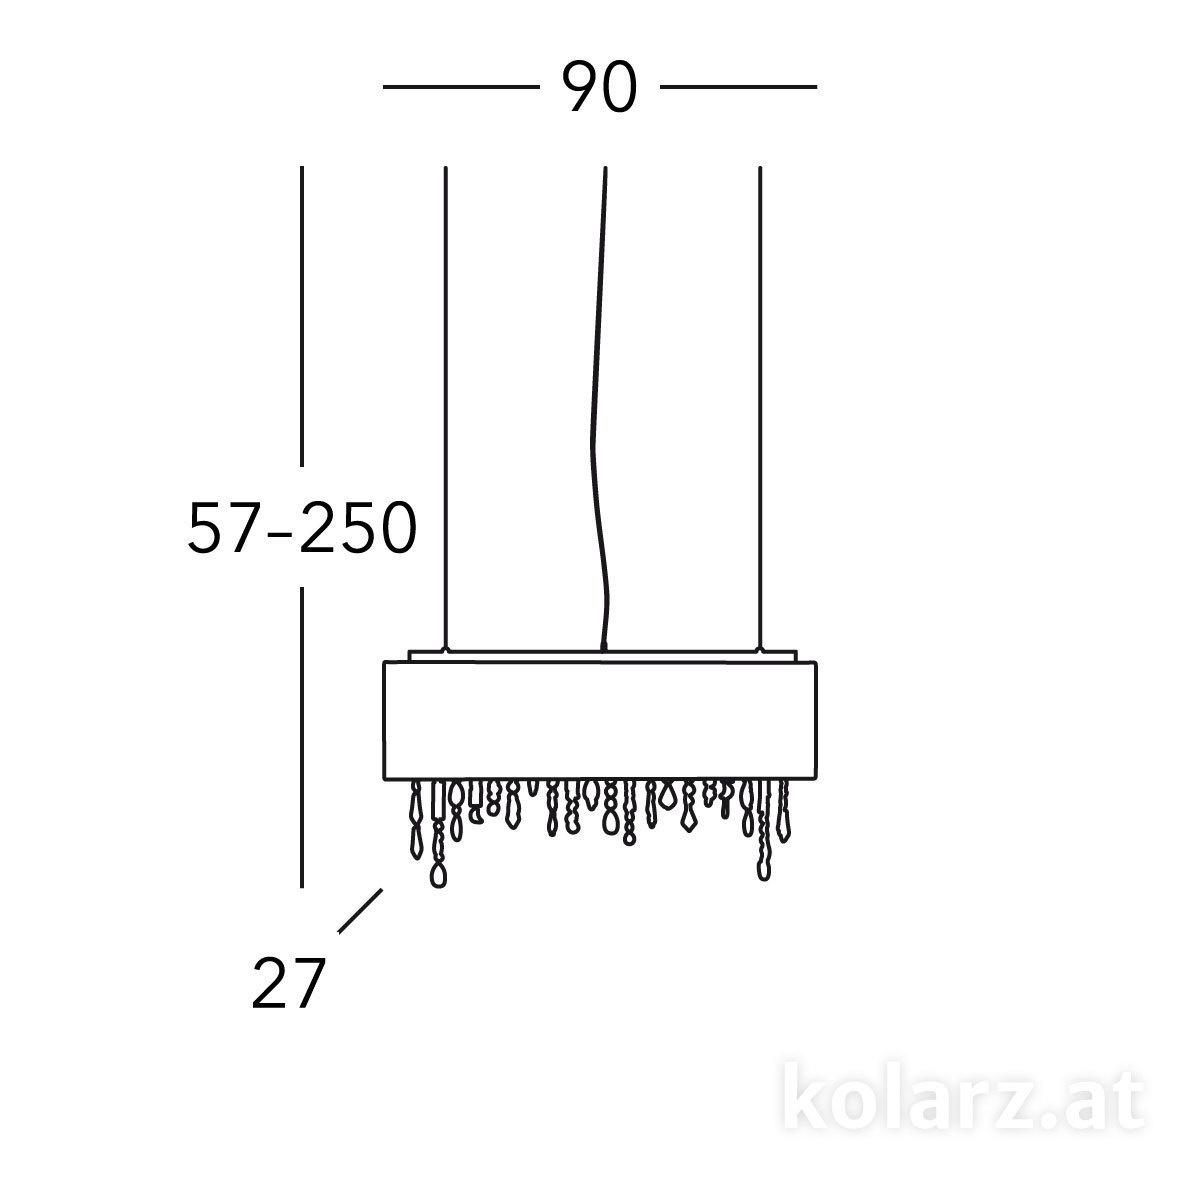 0240-85-3-W-KoT-s1.jpg